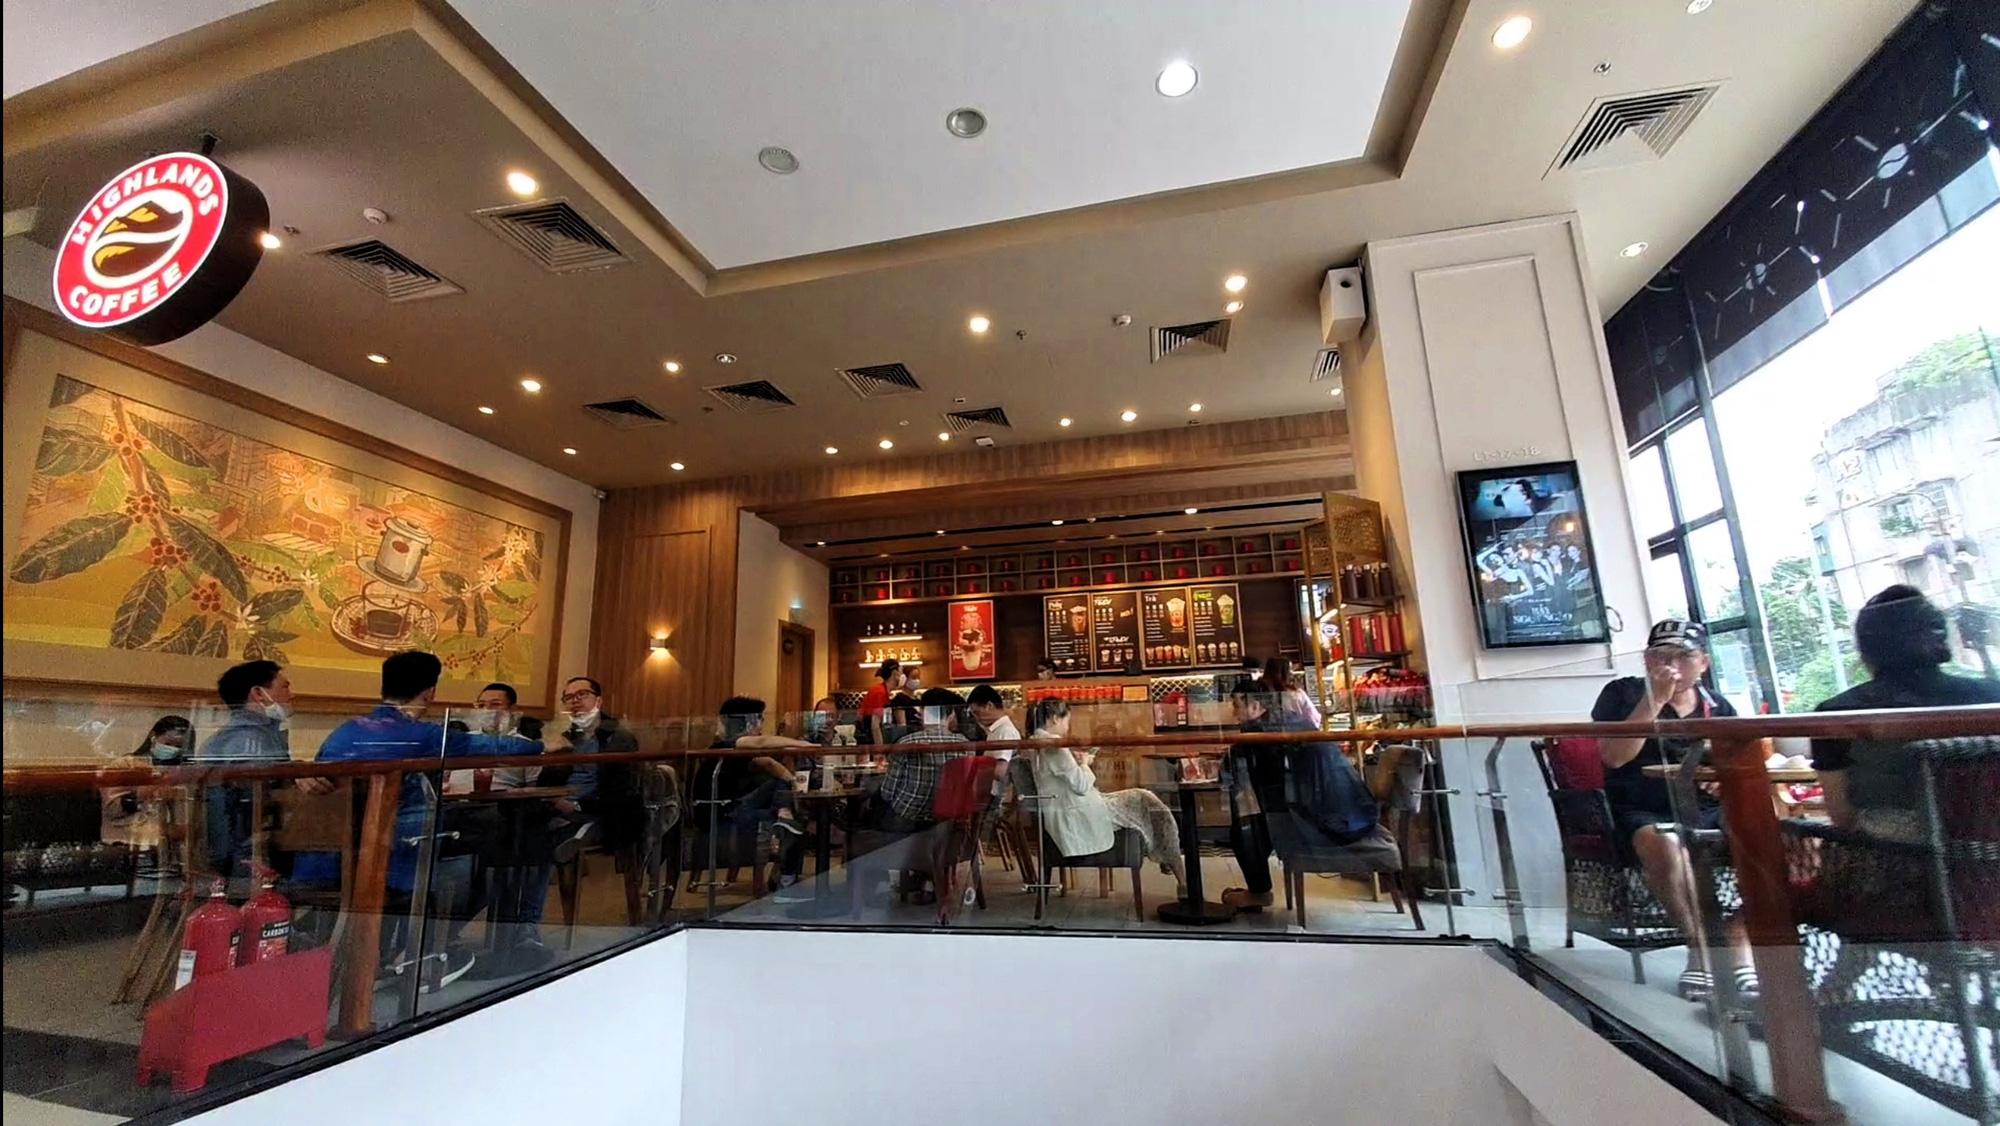 Mặt bằng BĐS bán lẻ Hà Nội 'thức giấc' sau hơn 2 tháng giãn cách - Ảnh 2.